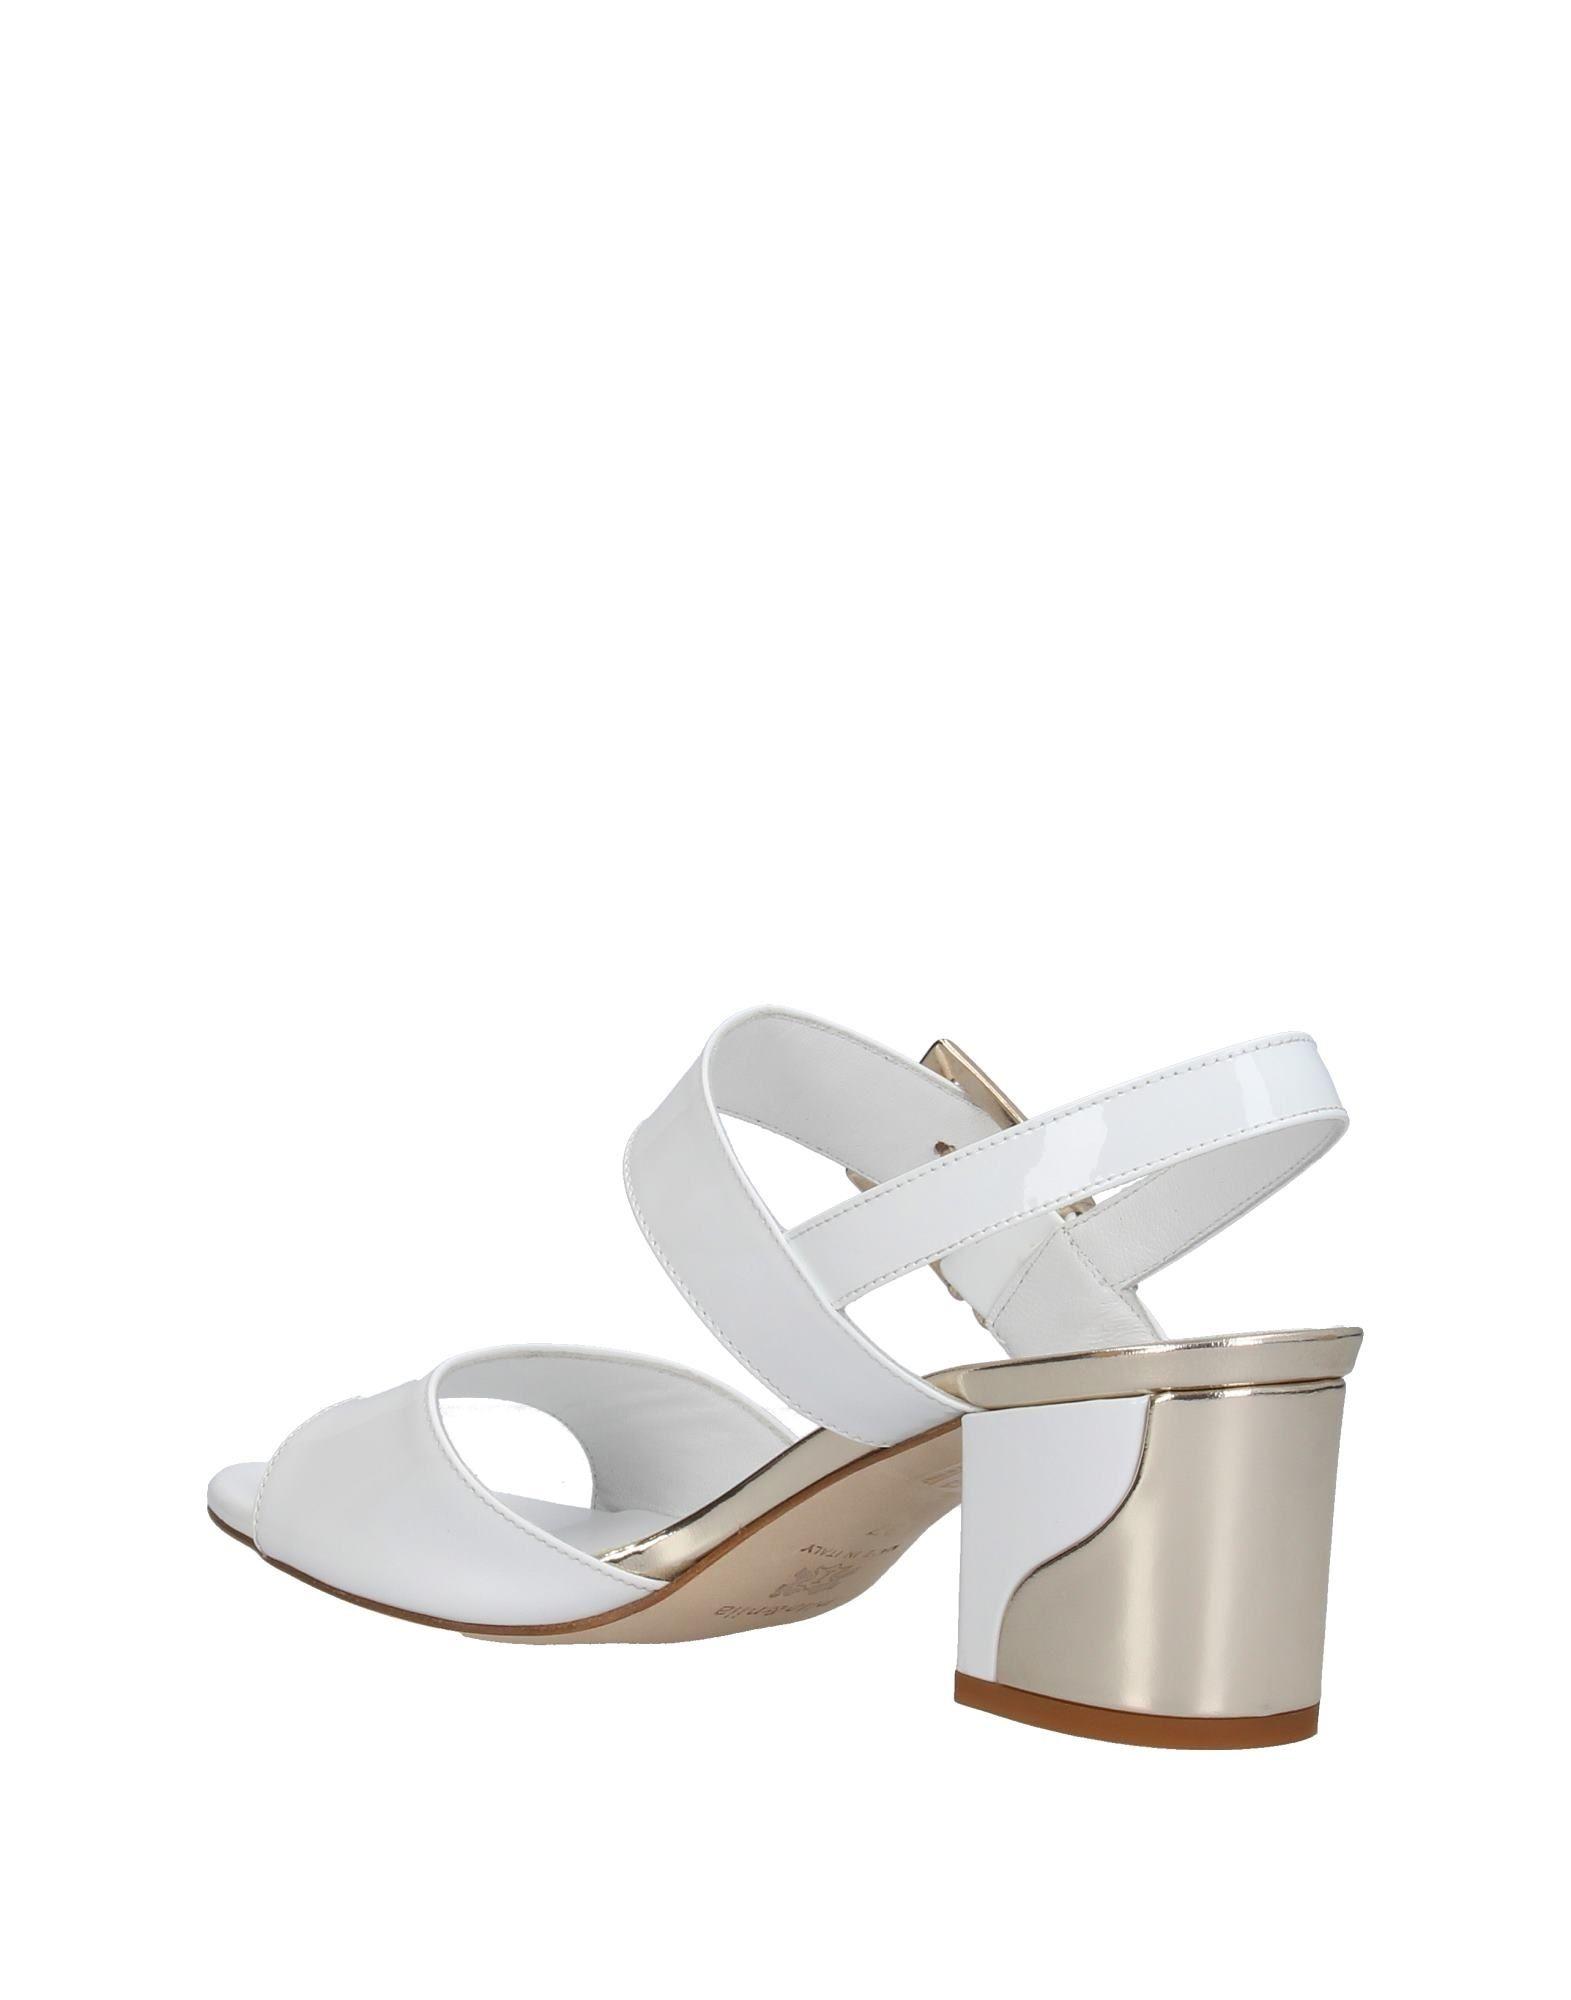 Nila & Nila Sandalen Damen Schuhe  11351561FW Neue Schuhe Damen ffd52a